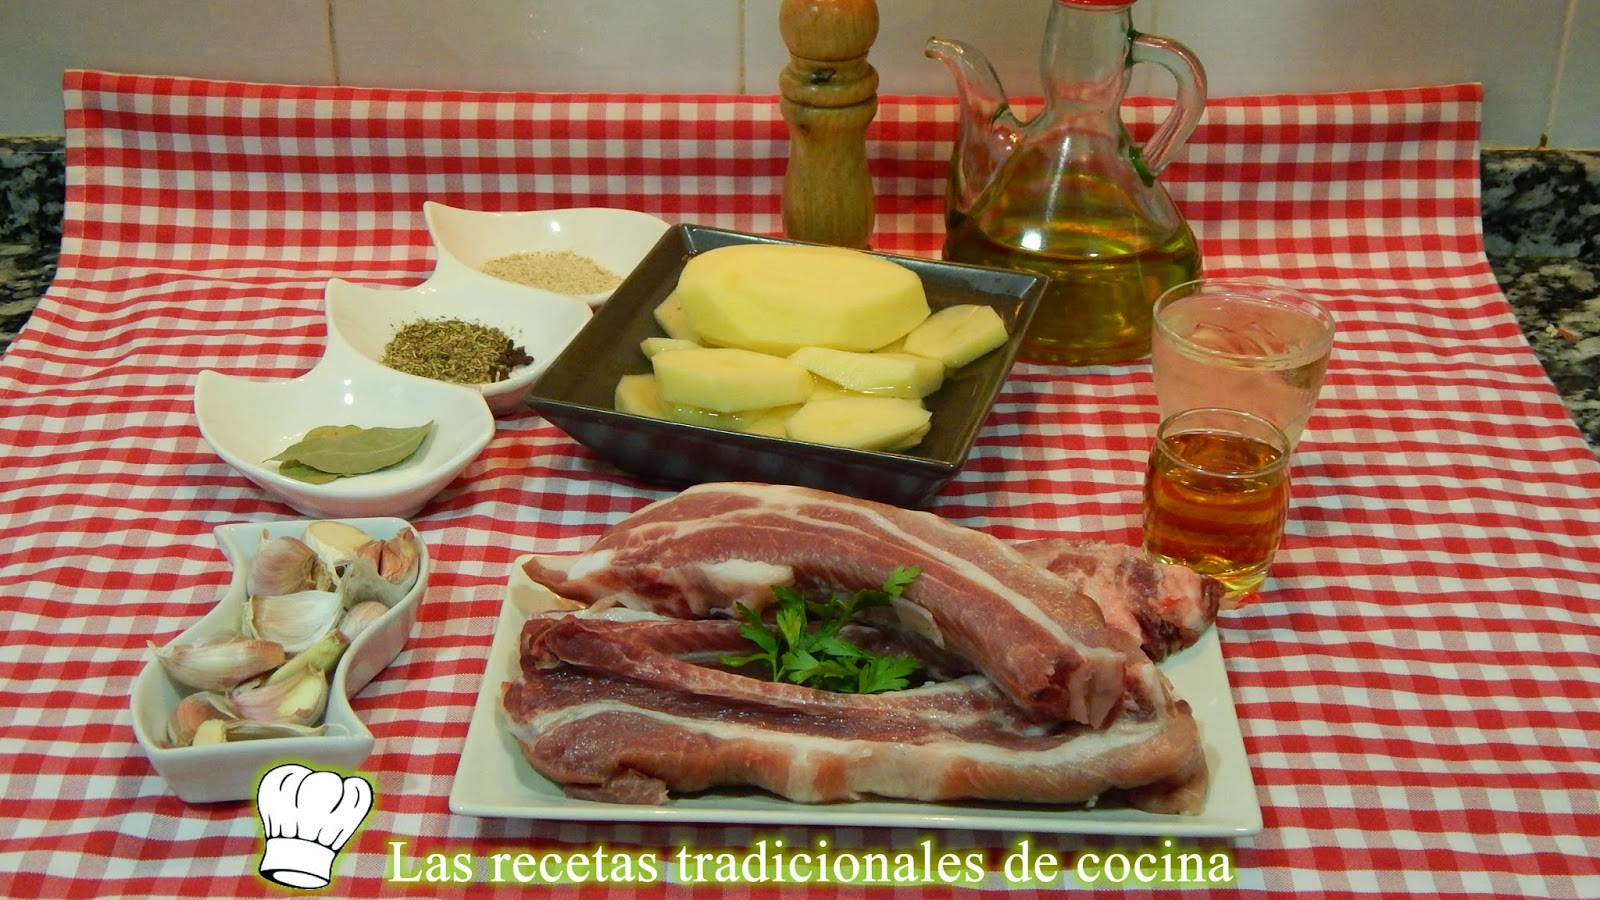 Receta de costillas de cerdo al horno